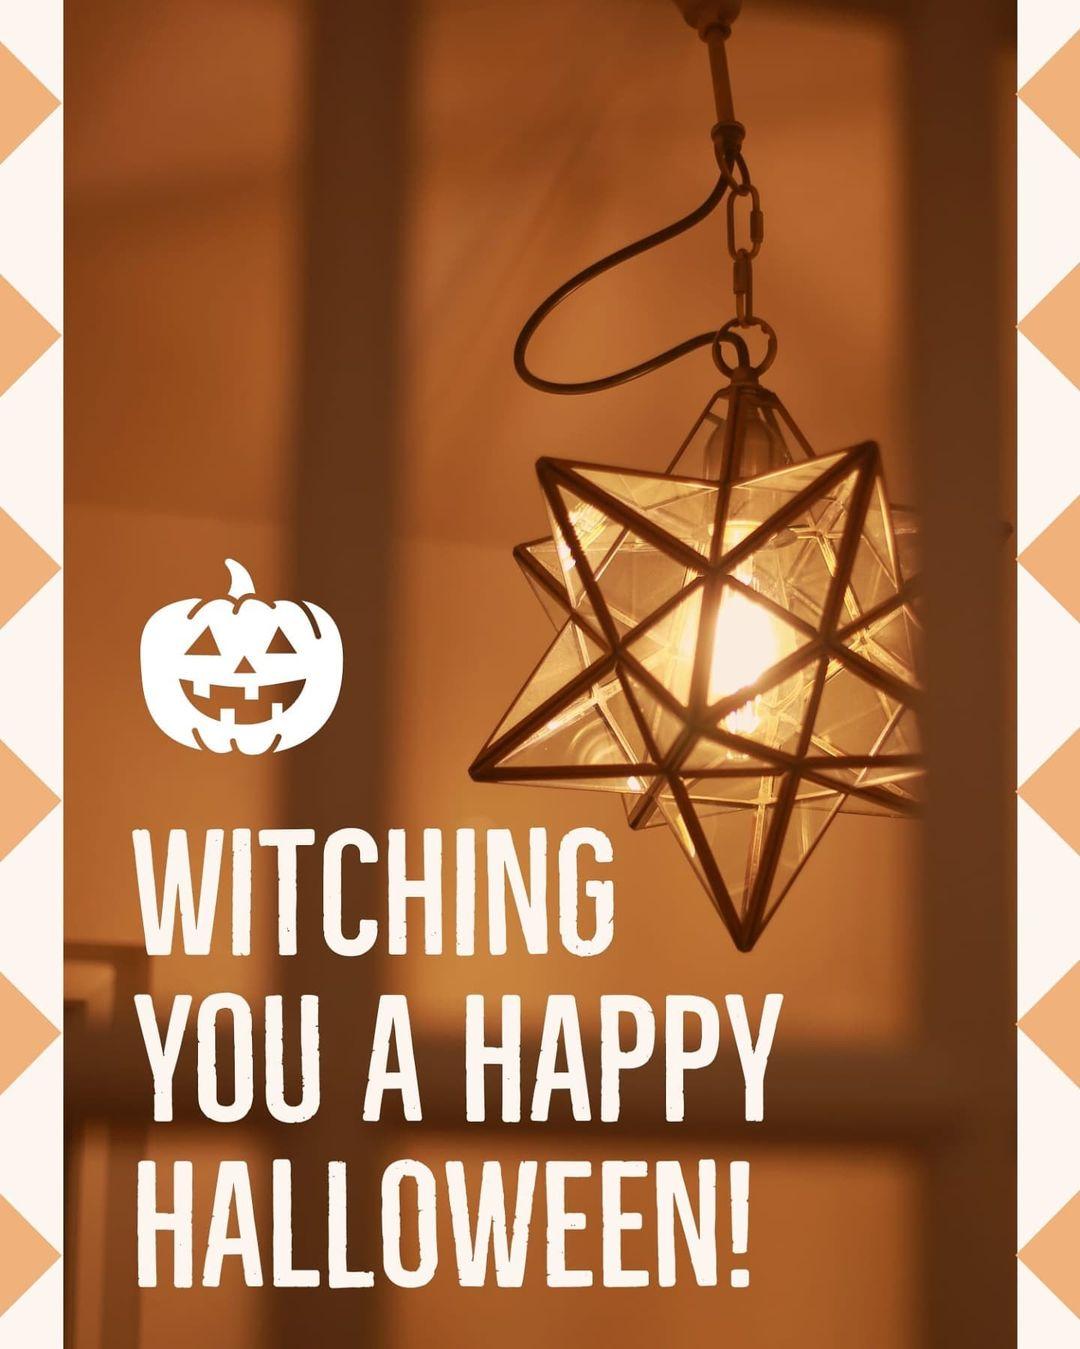 マイホームでハロウィン! アイルズハウスの家なら毎年この時期が待ち遠しくなります。 #halloween #ハロウィン